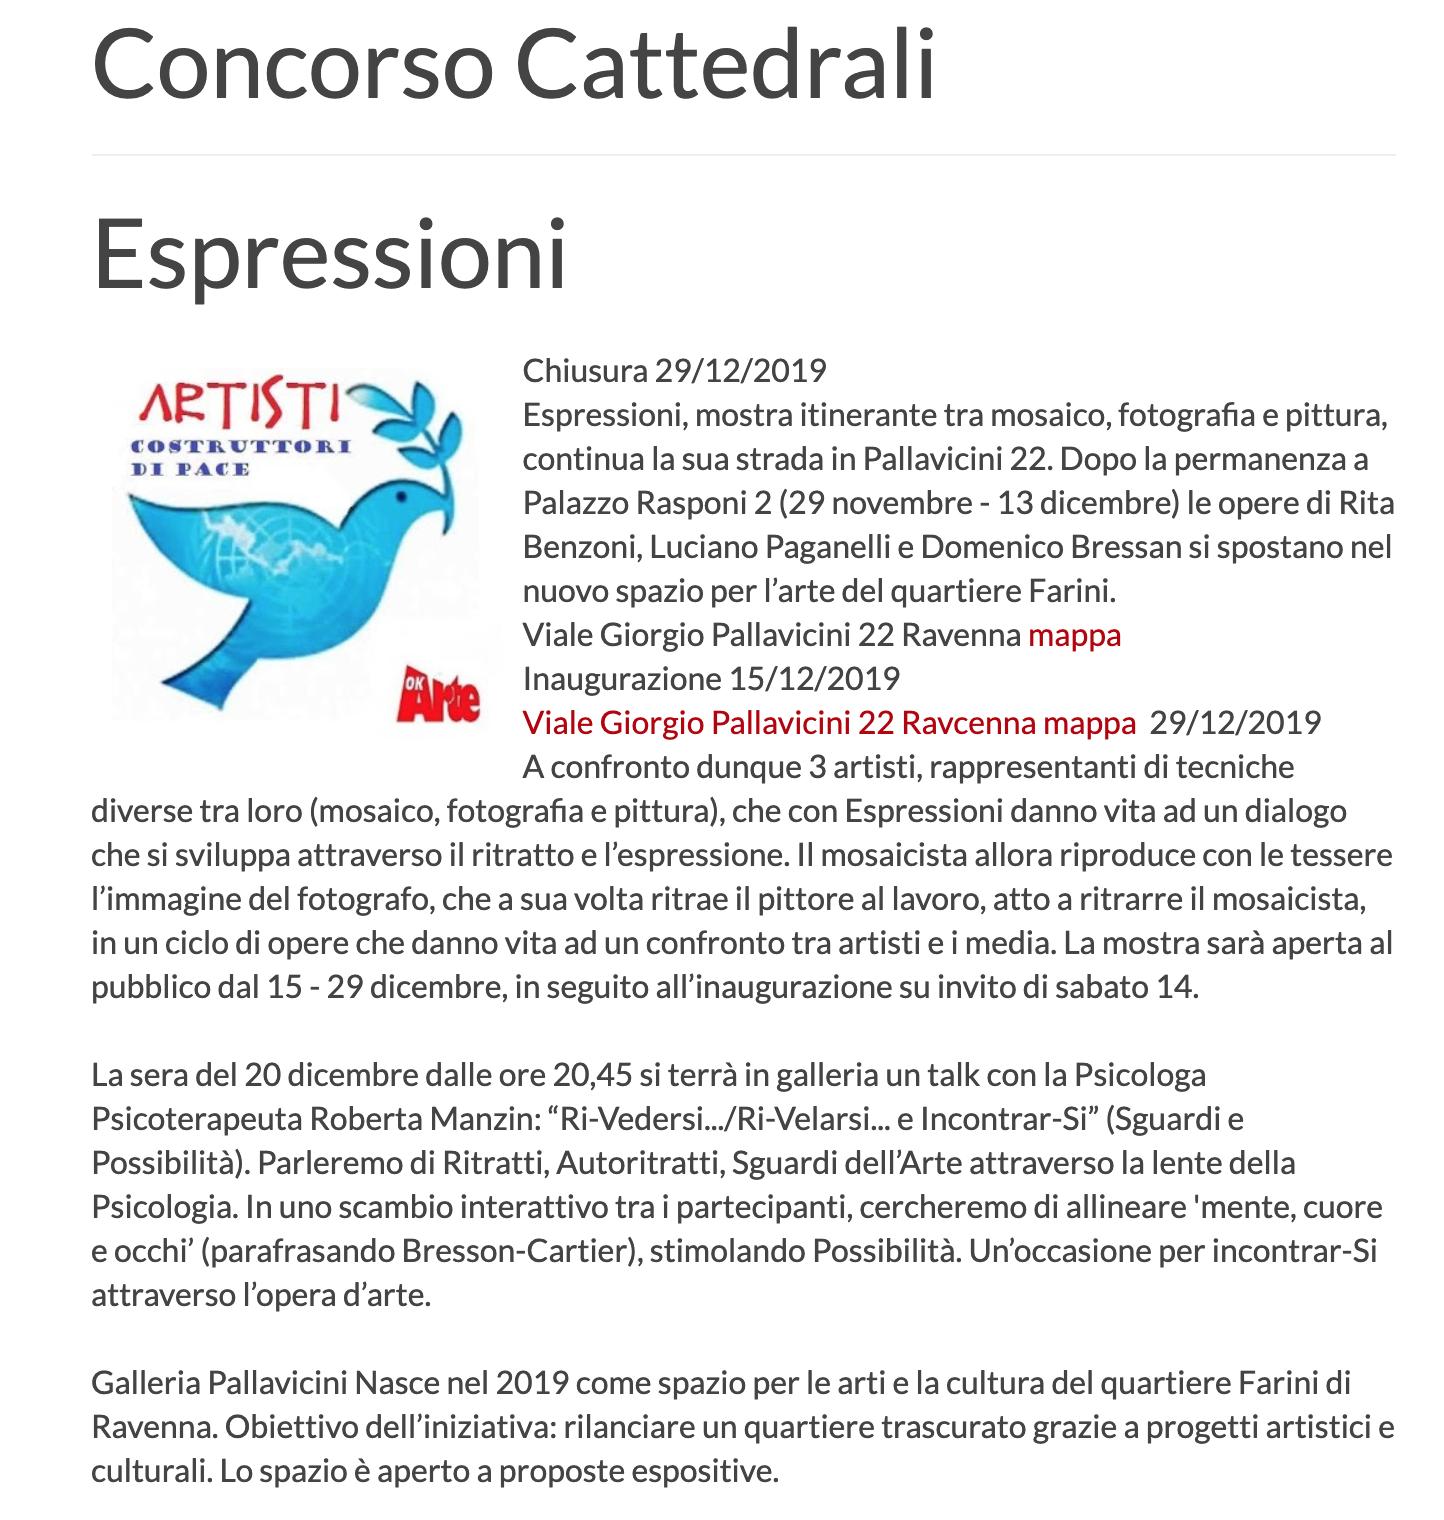 Espressioni su OK Arte | Pallavicini22 spazio espositivo Ravenna